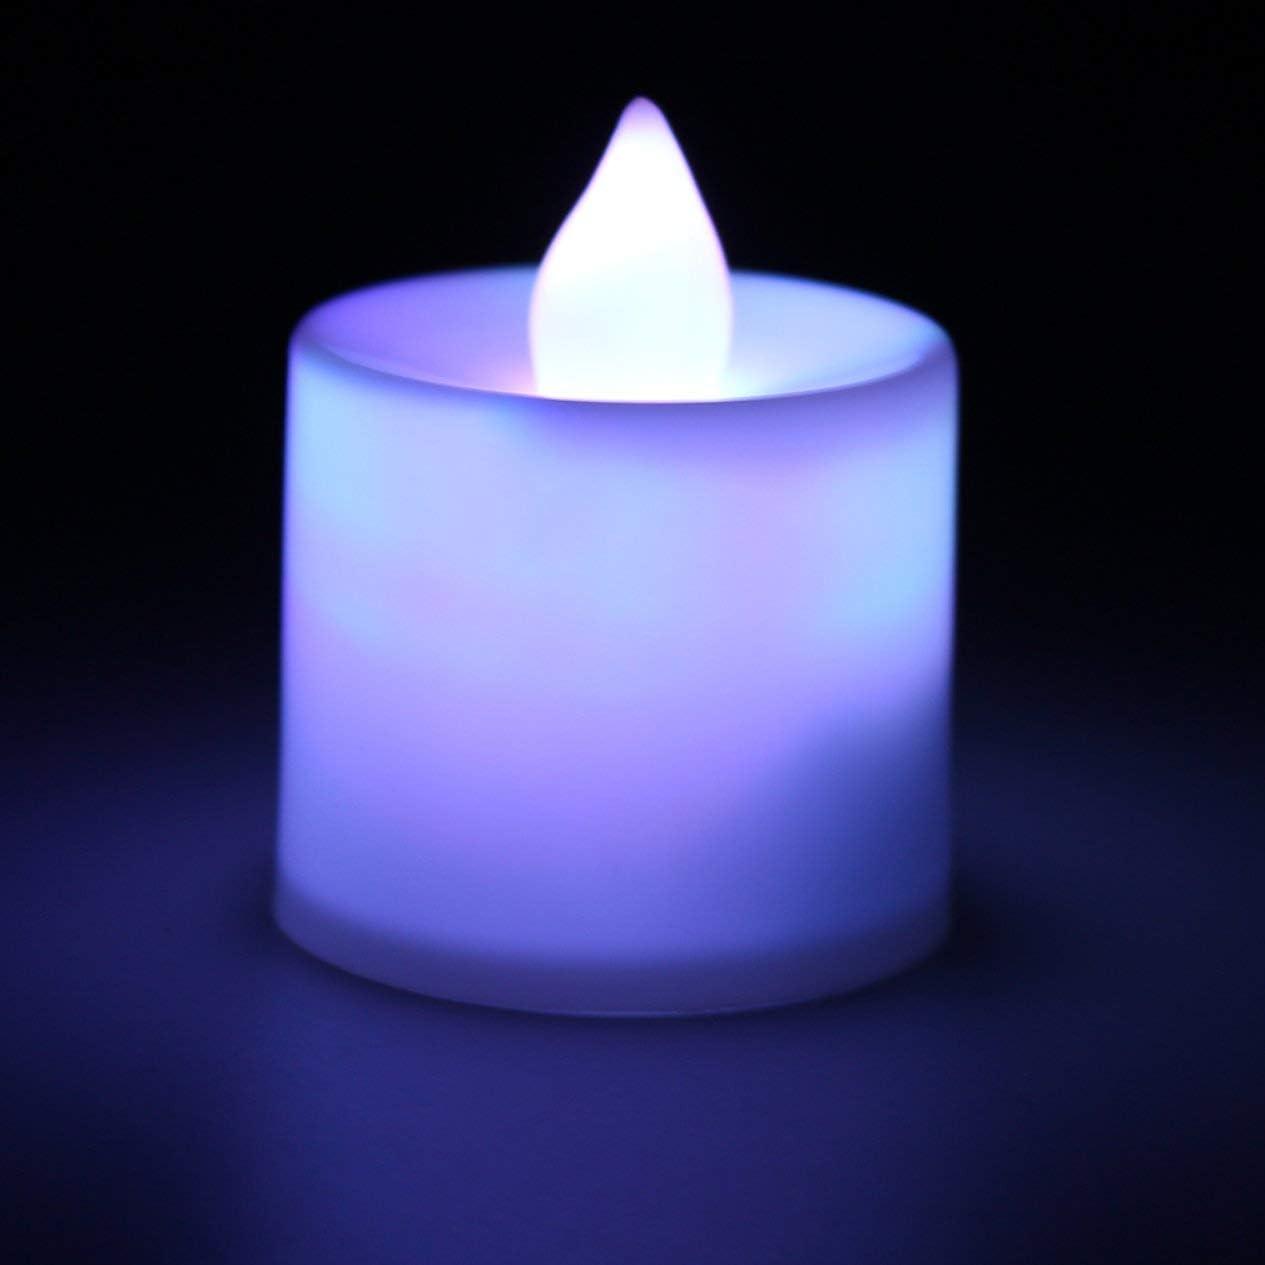 Sette colori) Superior Romance LED Flash Flameless Candle Light Lamp per cena di compleanno Spa Party Pub Decorazione della stanza BCVBFGCXVB